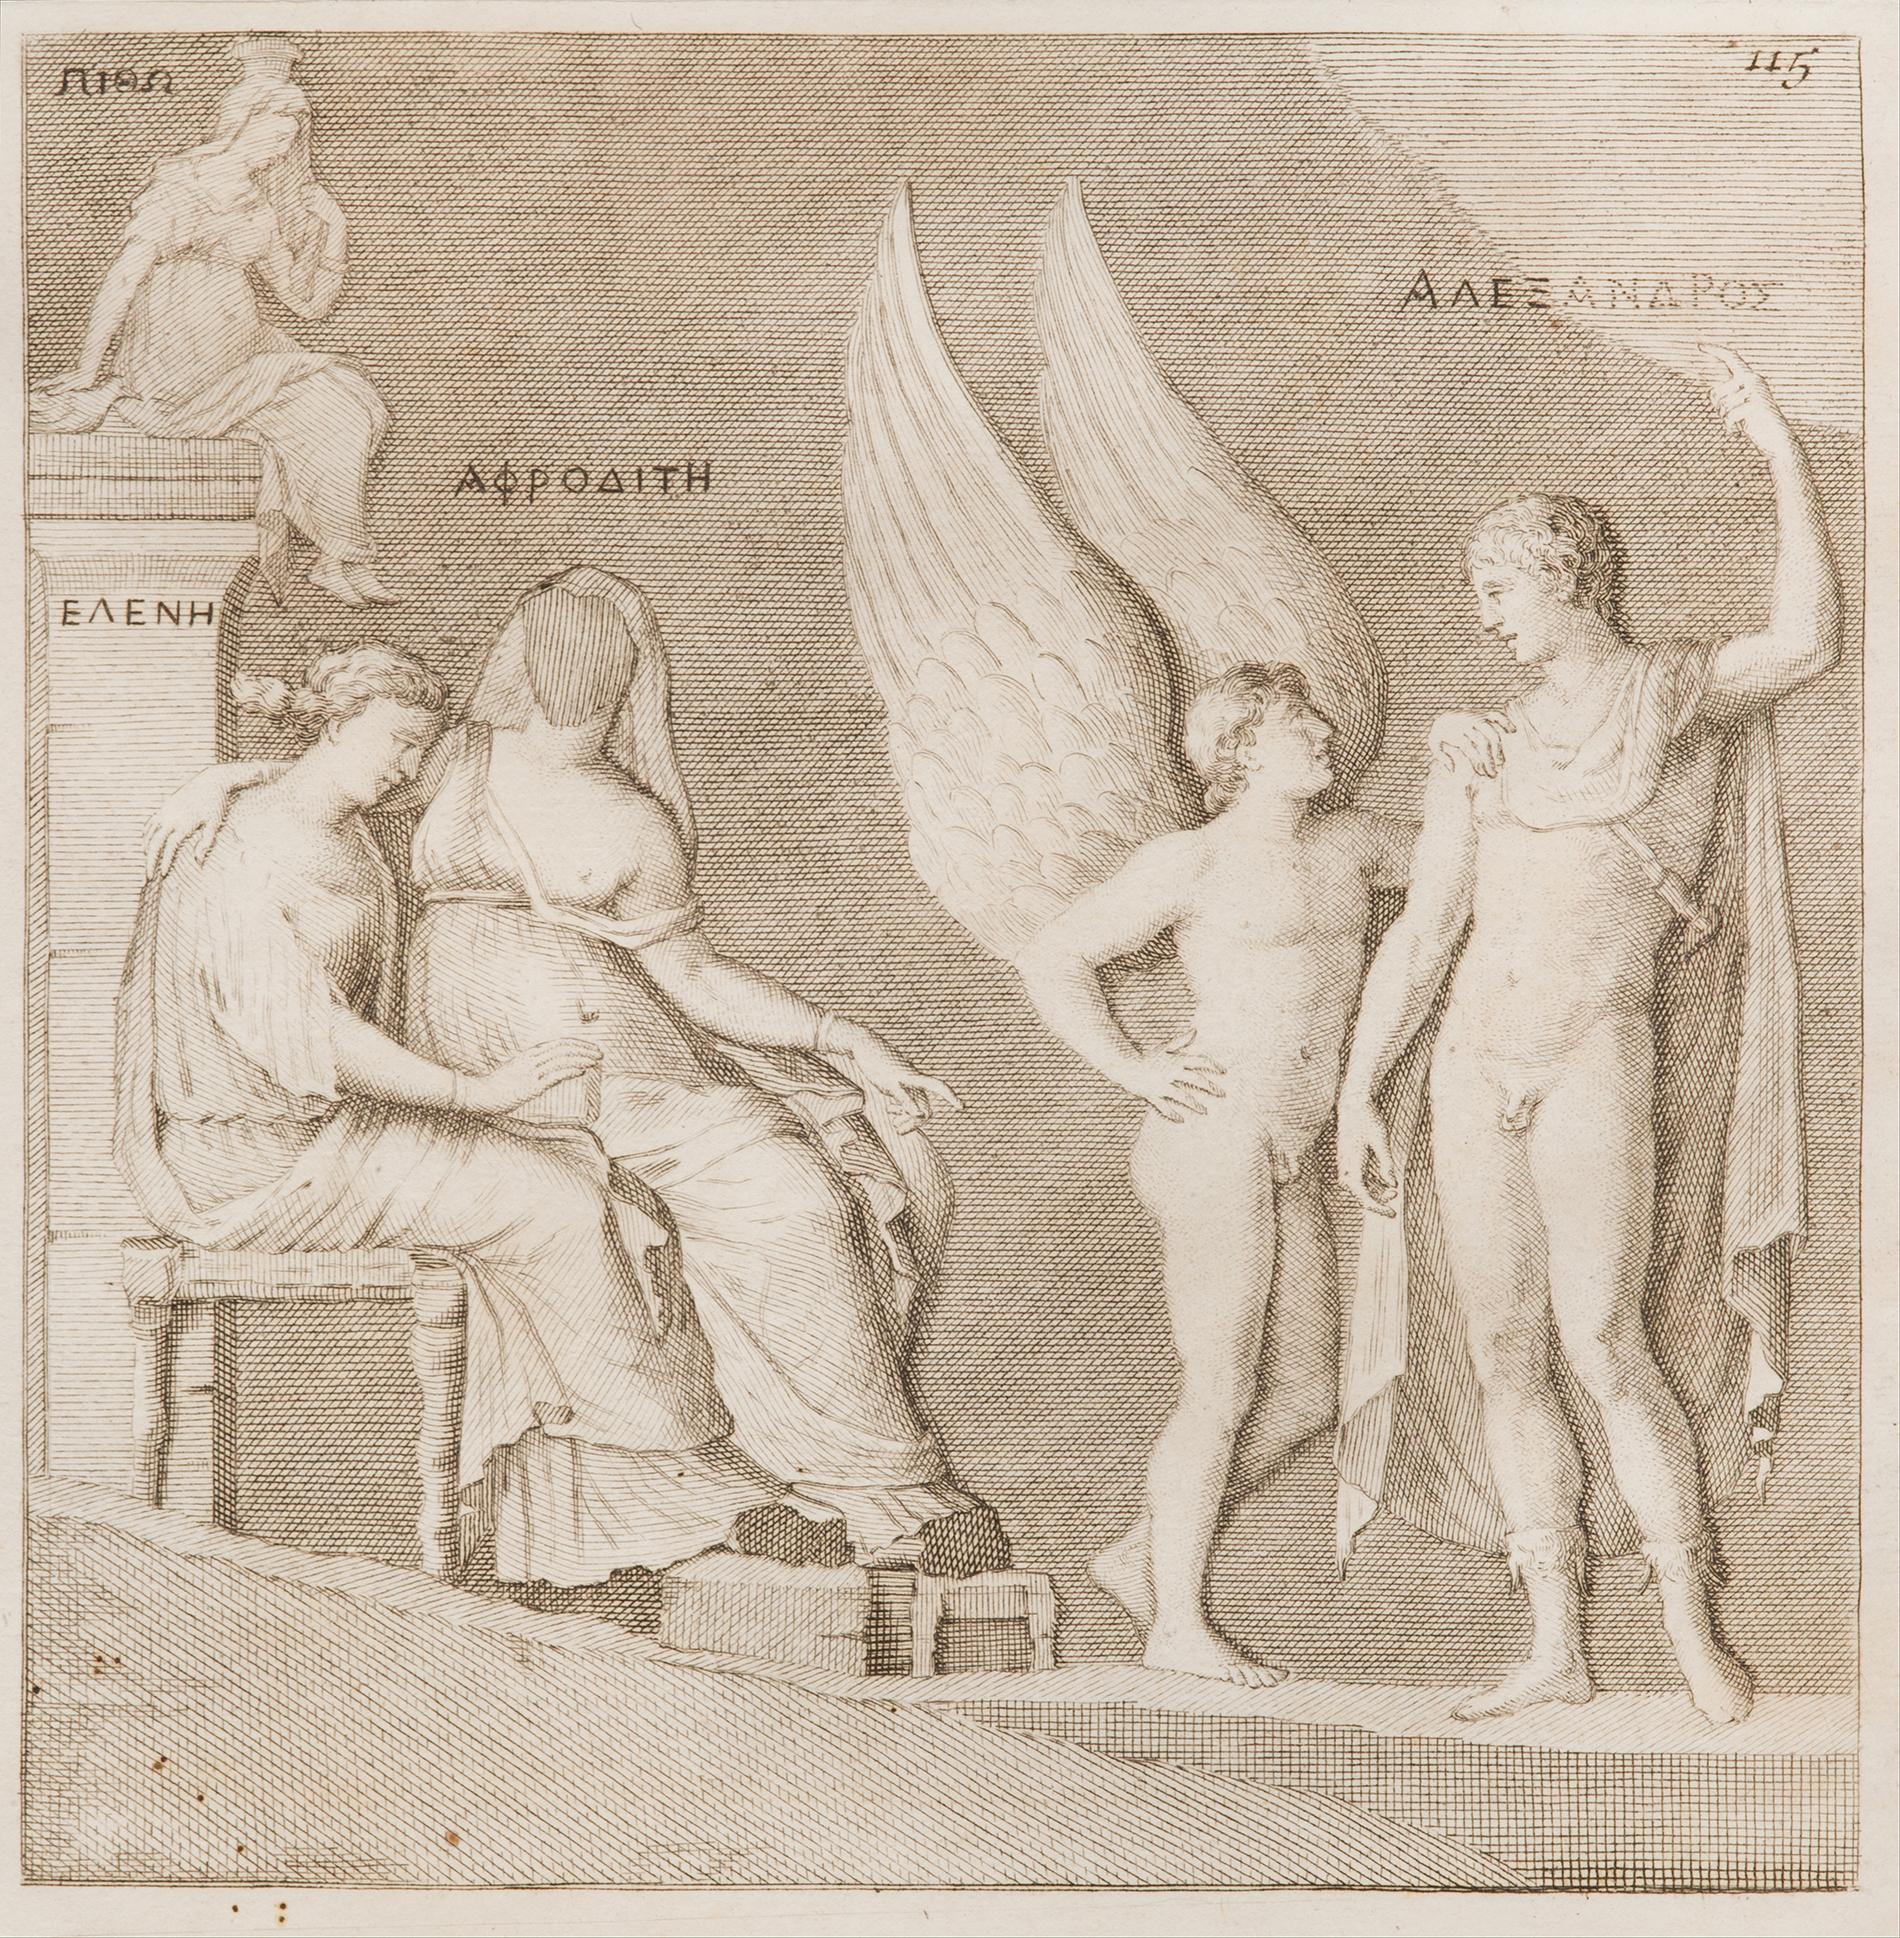 """Anonym, Relief von Paris und Aphrodite, Sammlung des Herzogs Carafa Noja Neapel, Radierung im """"Monumenti antichi inediti"""" n. 115, 1767, 14,6 x 14,5 cm, Sammlung m.a.x. museo, Chiasso"""